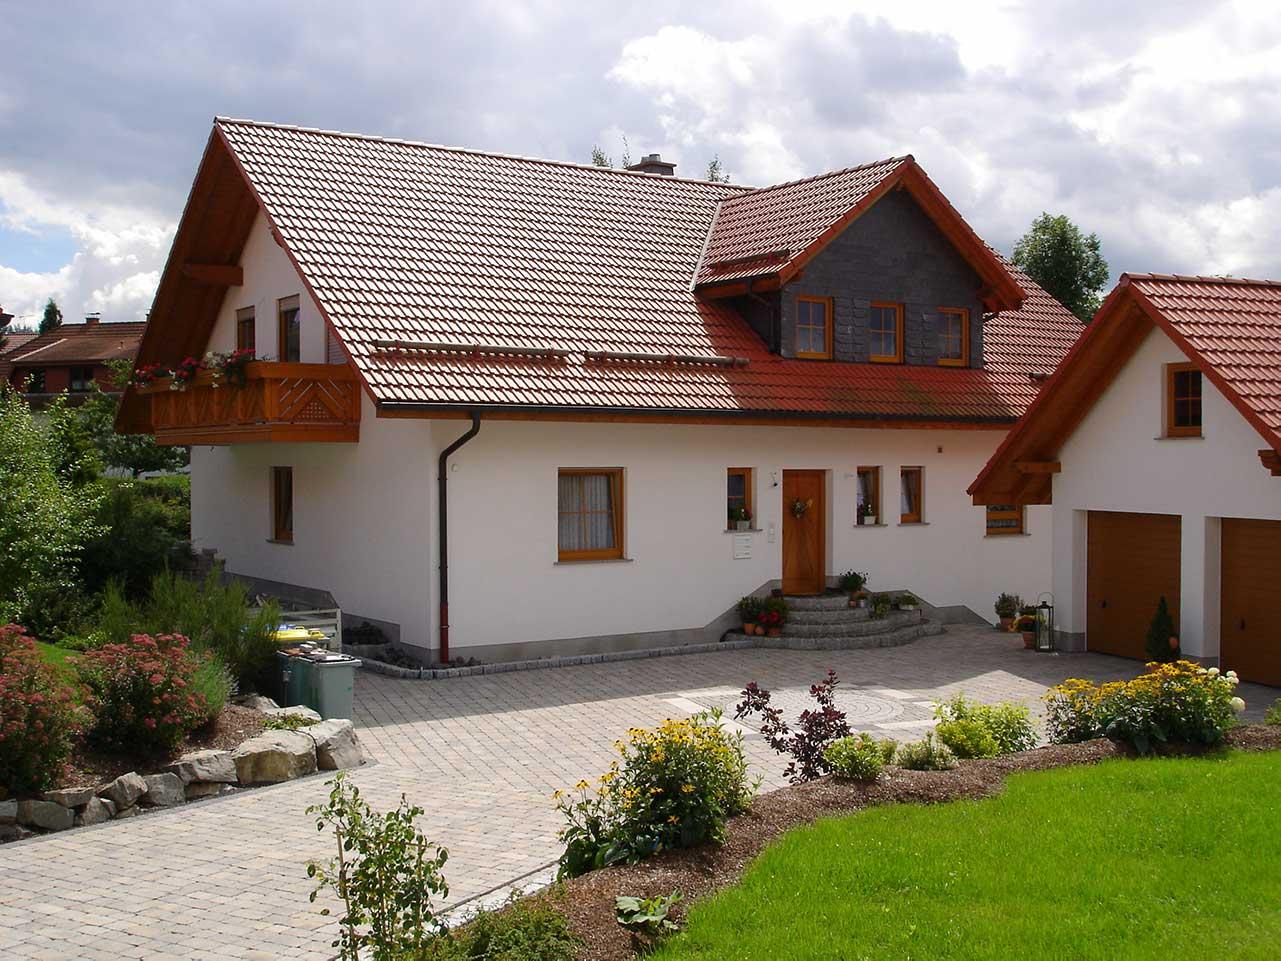 Ferienwohnung Freudensprung - Haus Außenansicht, Einfahrt und Eingang